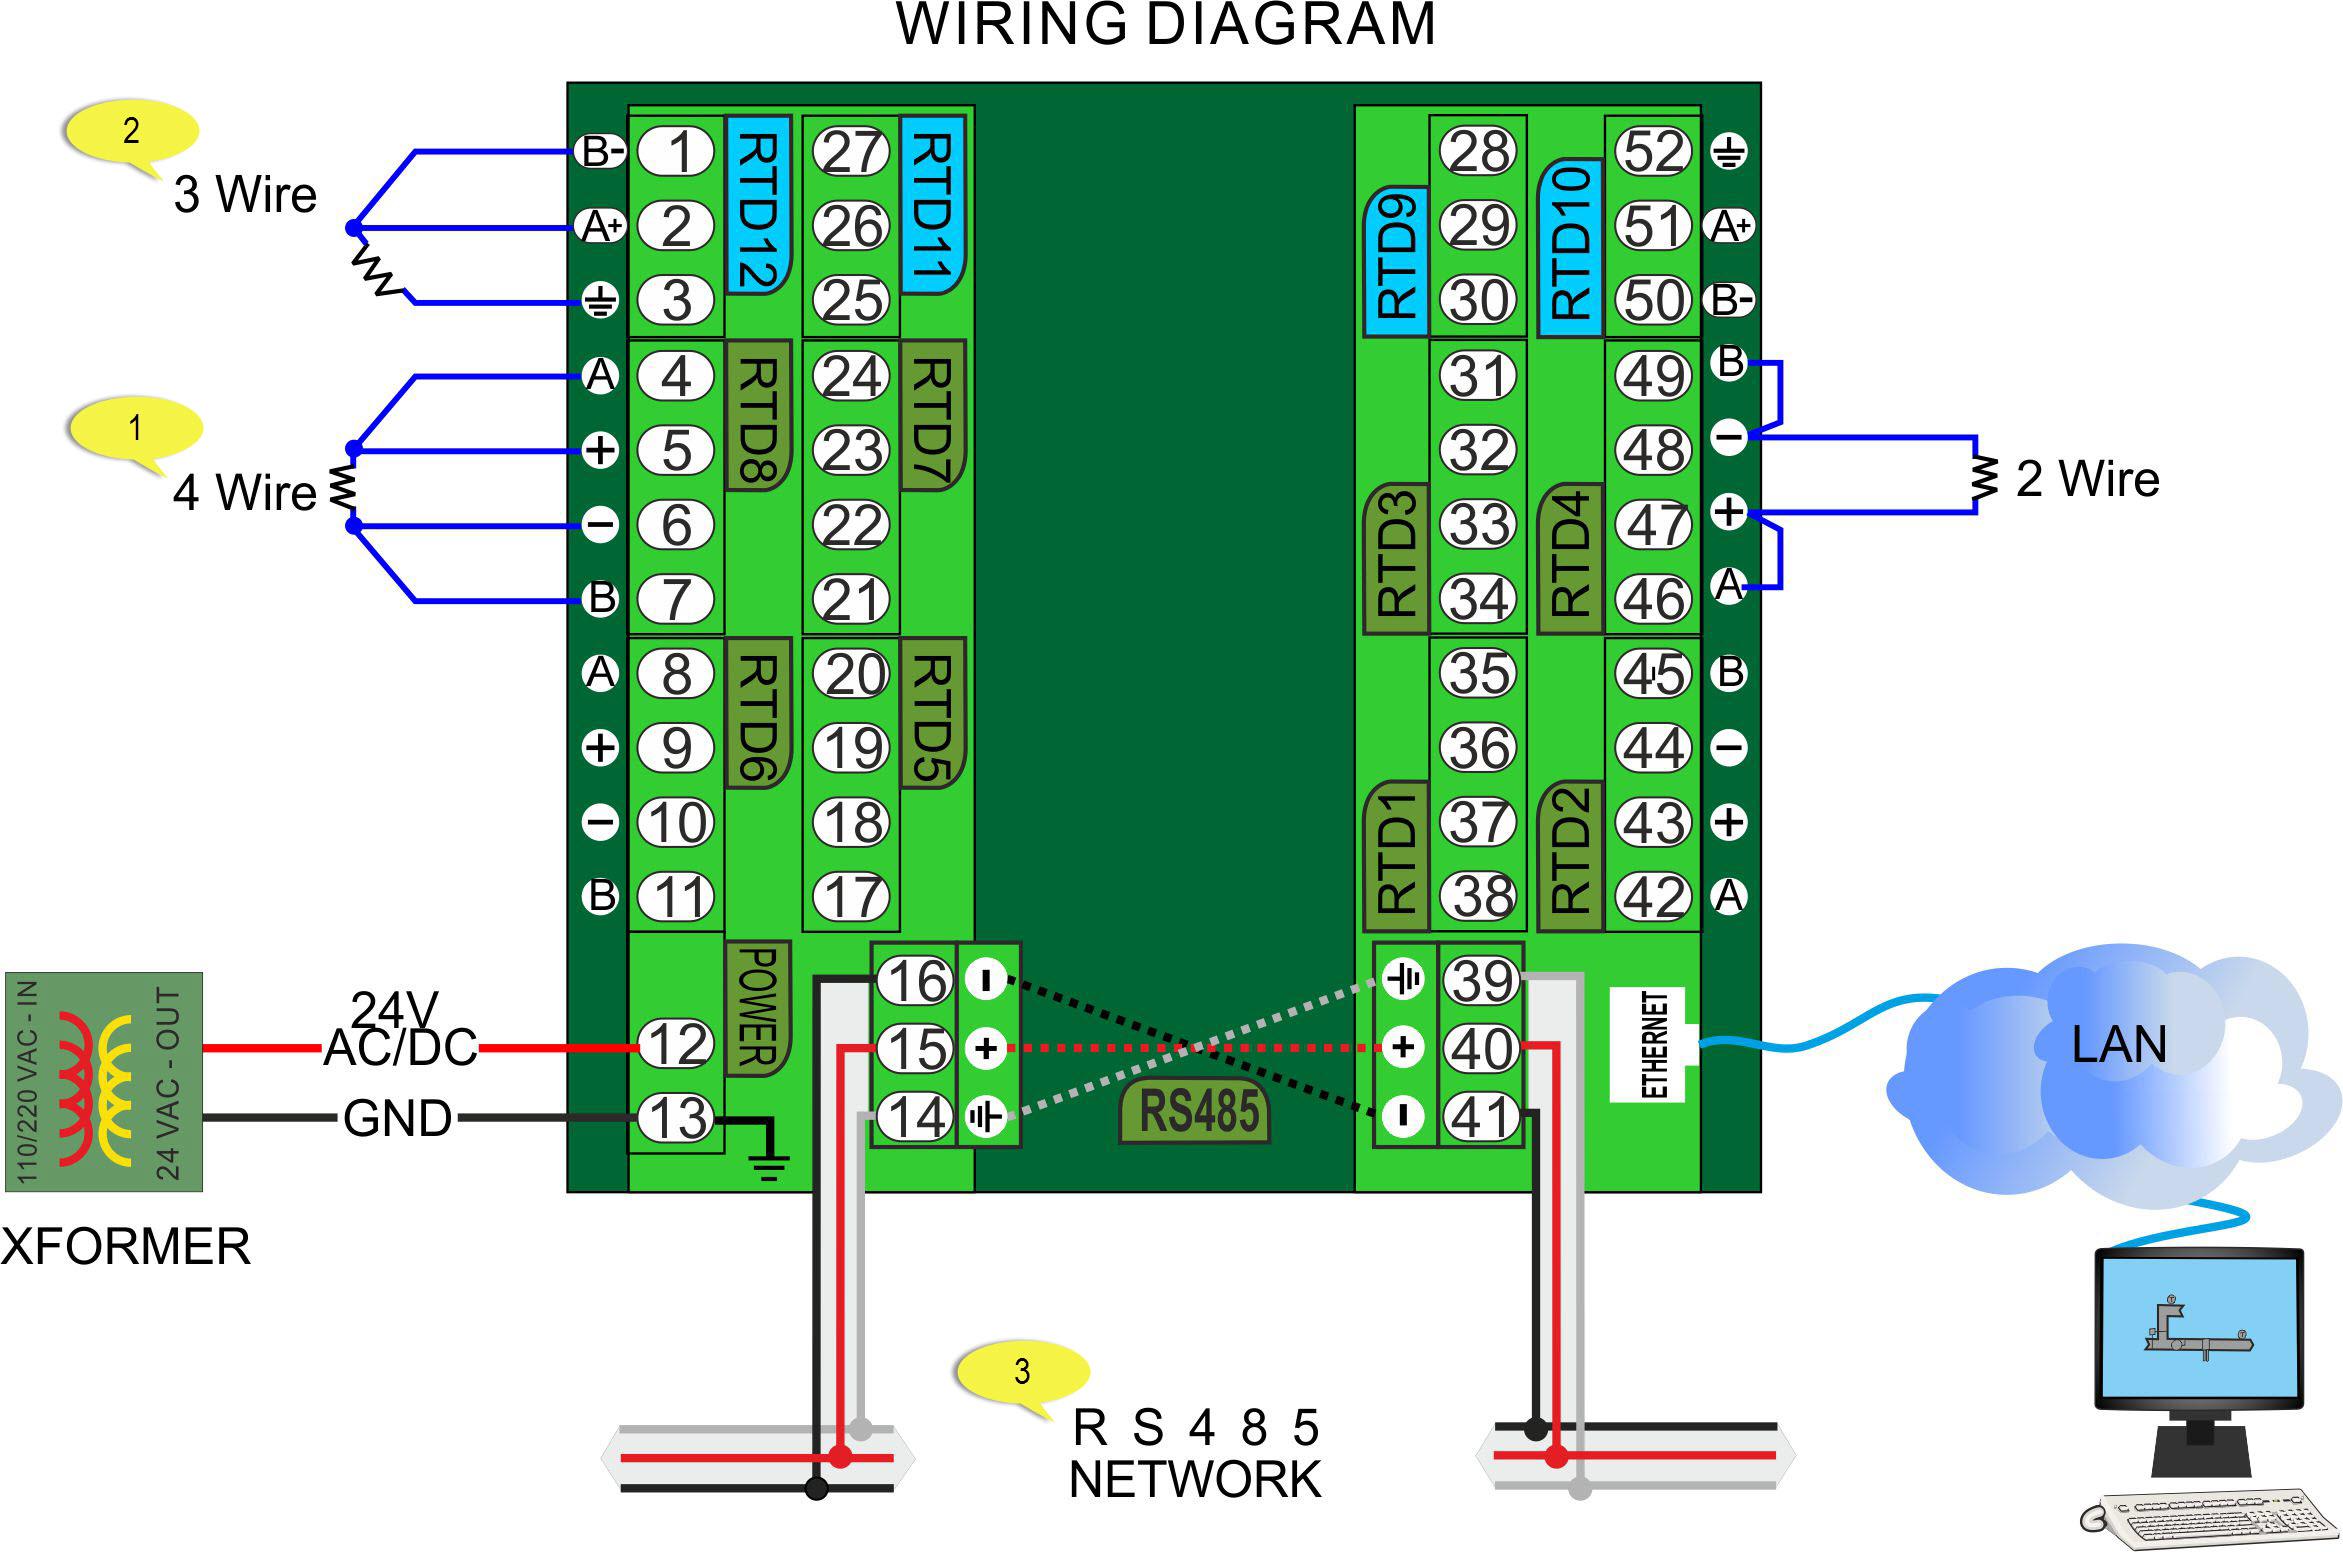 n20 wiring diagram wiring diagram essig n20 wiring diagram wiring diagram easy wiring diagrams n20 wiring diagram